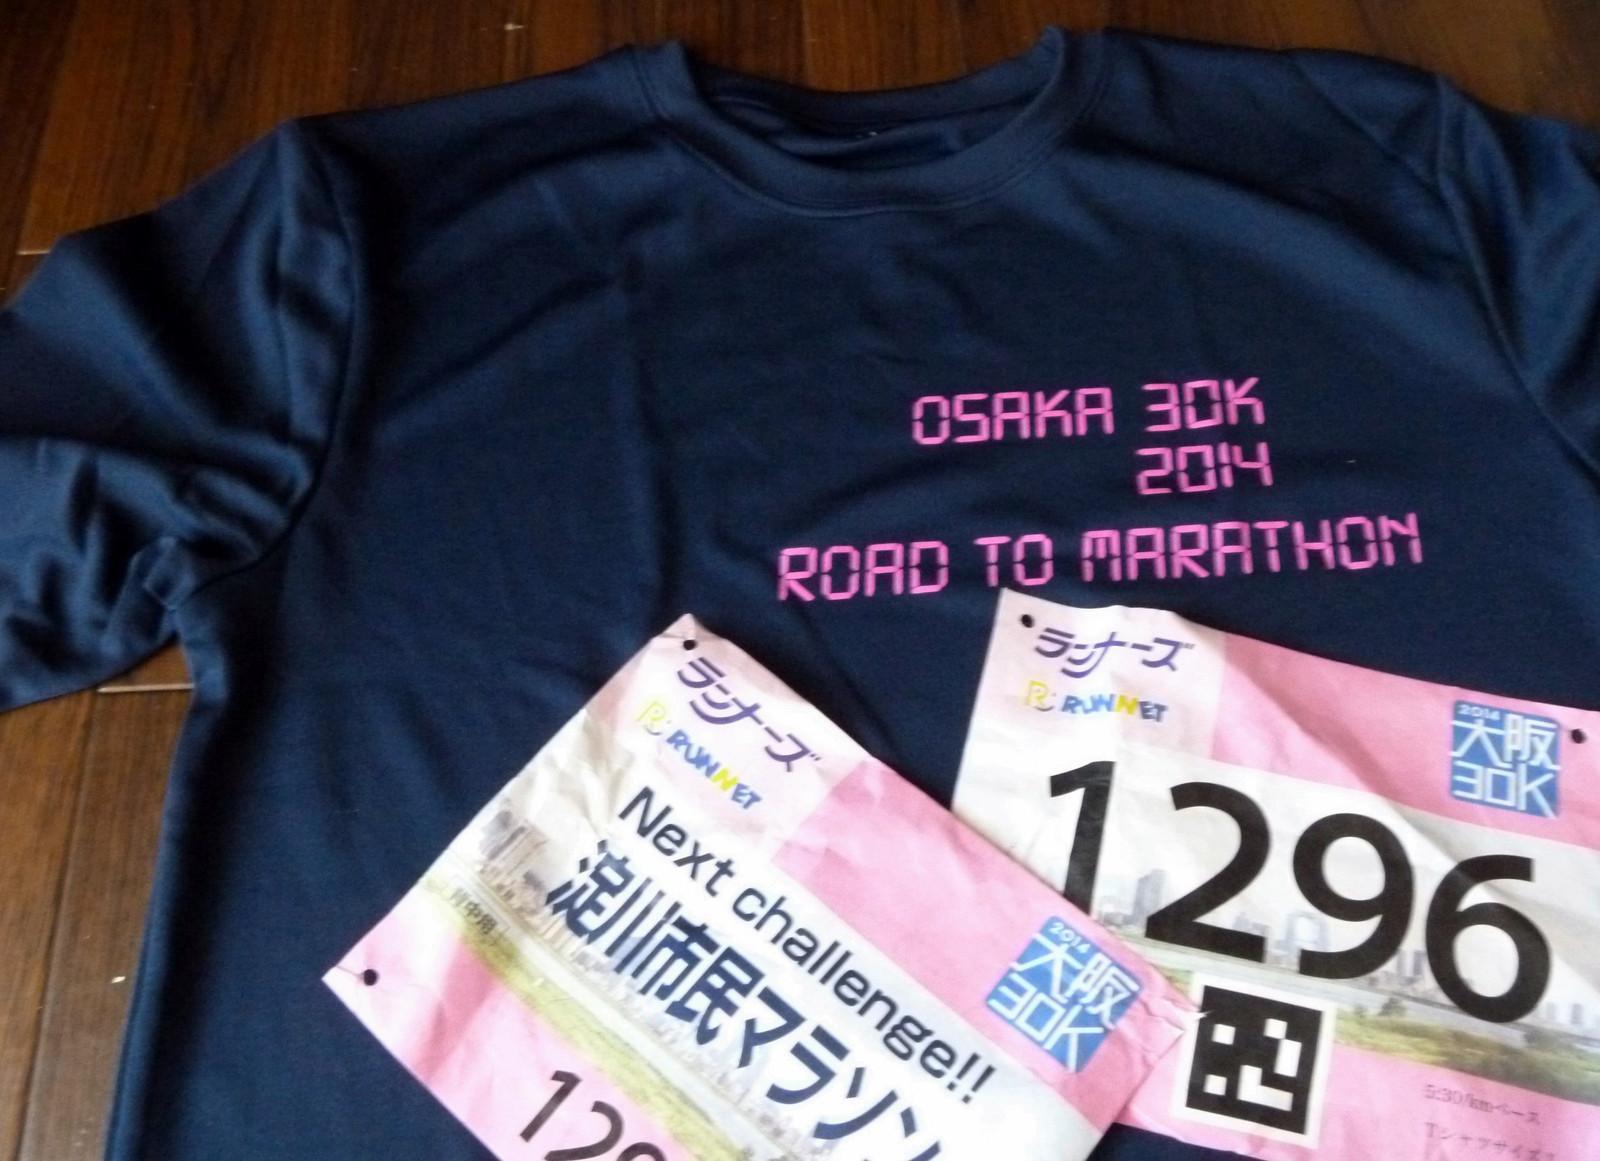 Osaka30k